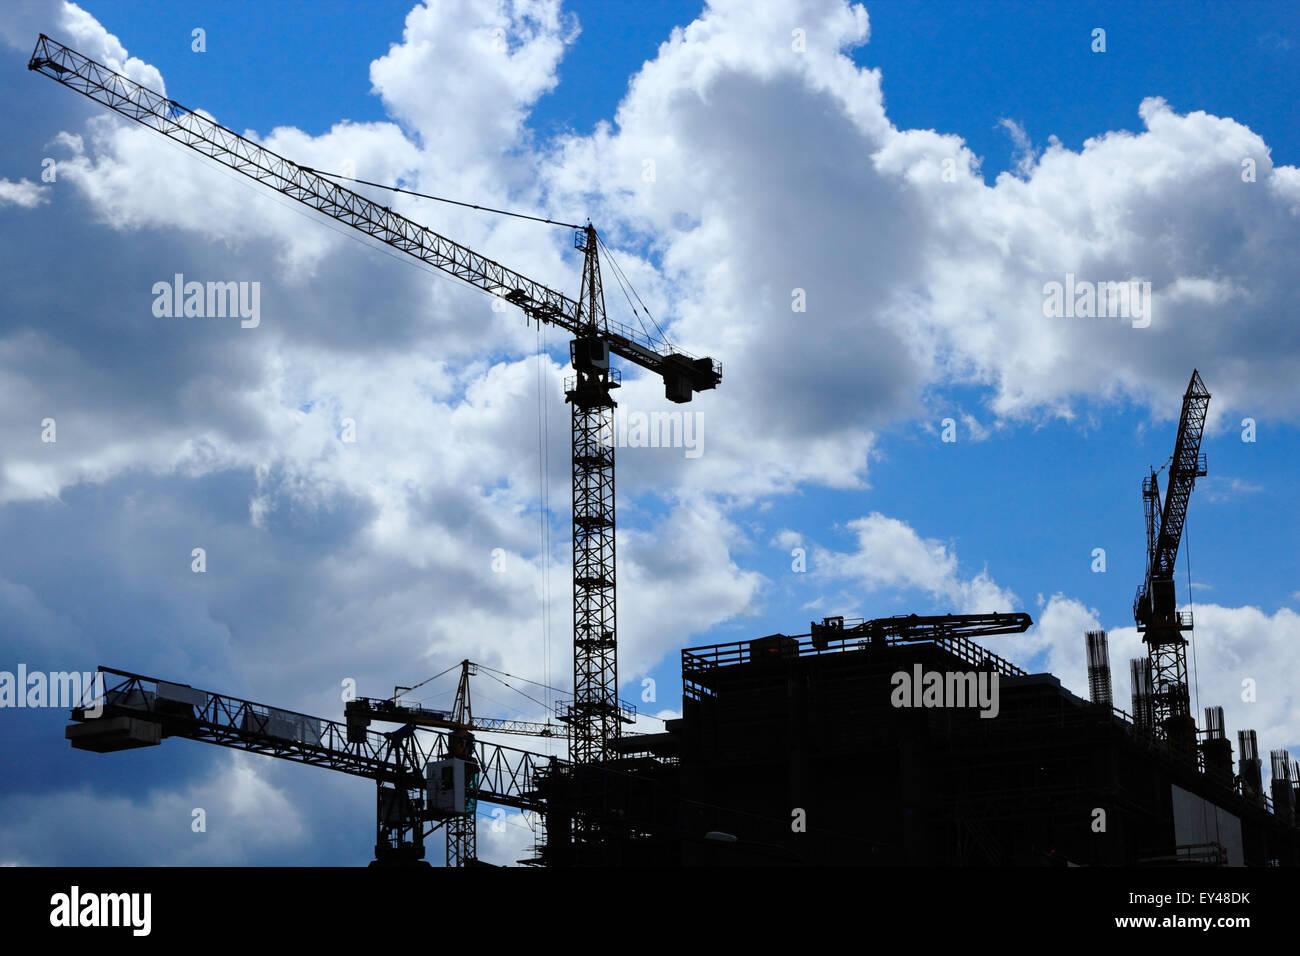 Sito in costruzione con alcune gru stagliano contro il cielo blu e nuvole. Immagini Stock